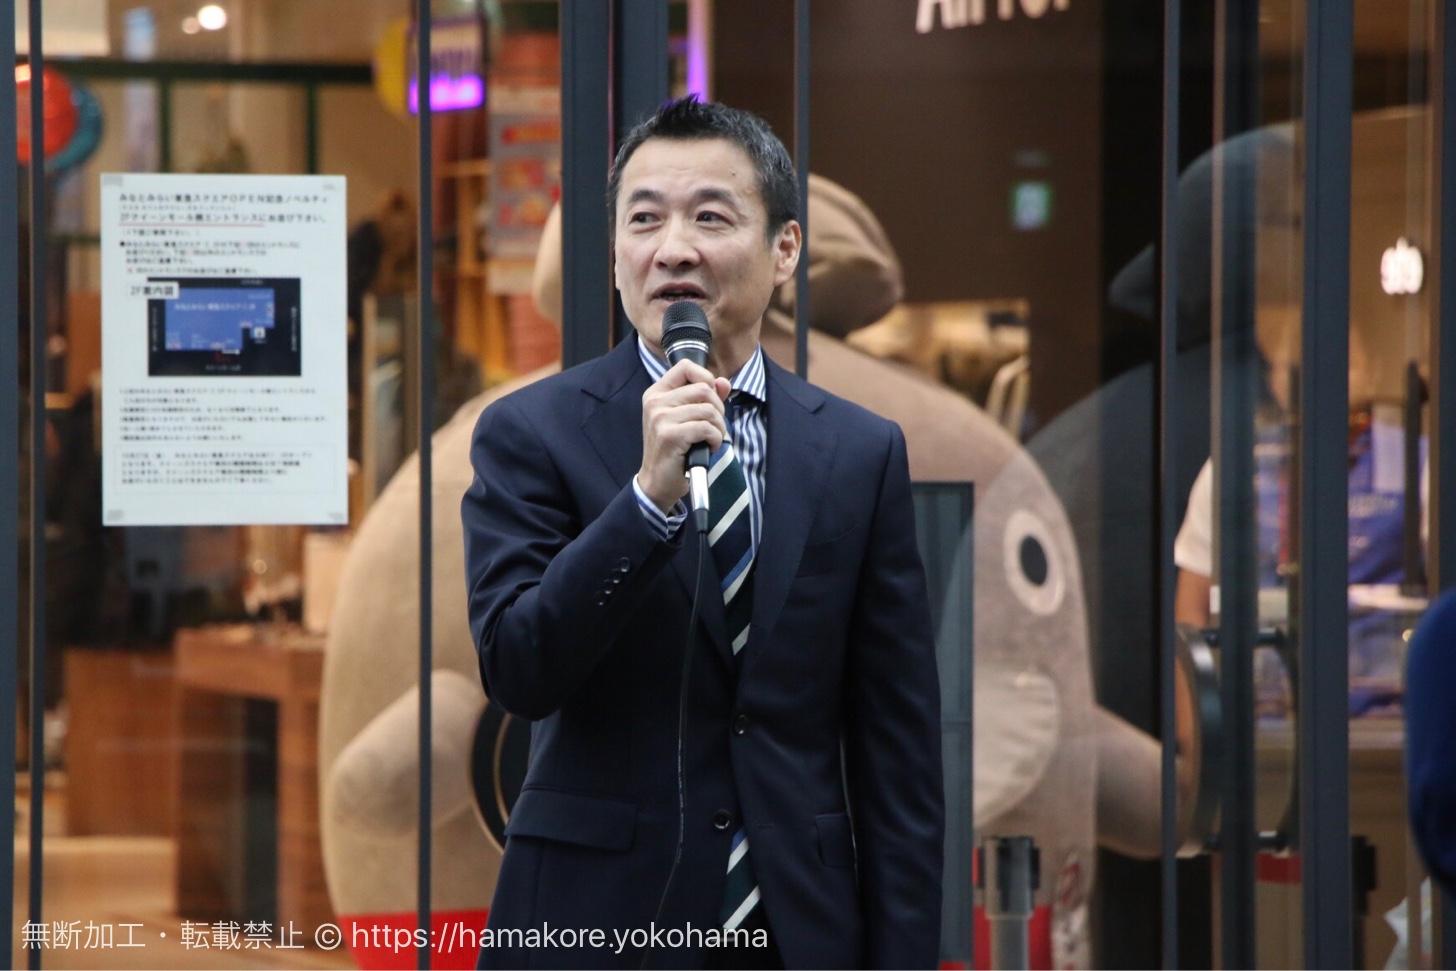 株式会社クイーンズイースト 代表取締役社長 石川哲也氏による挨拶